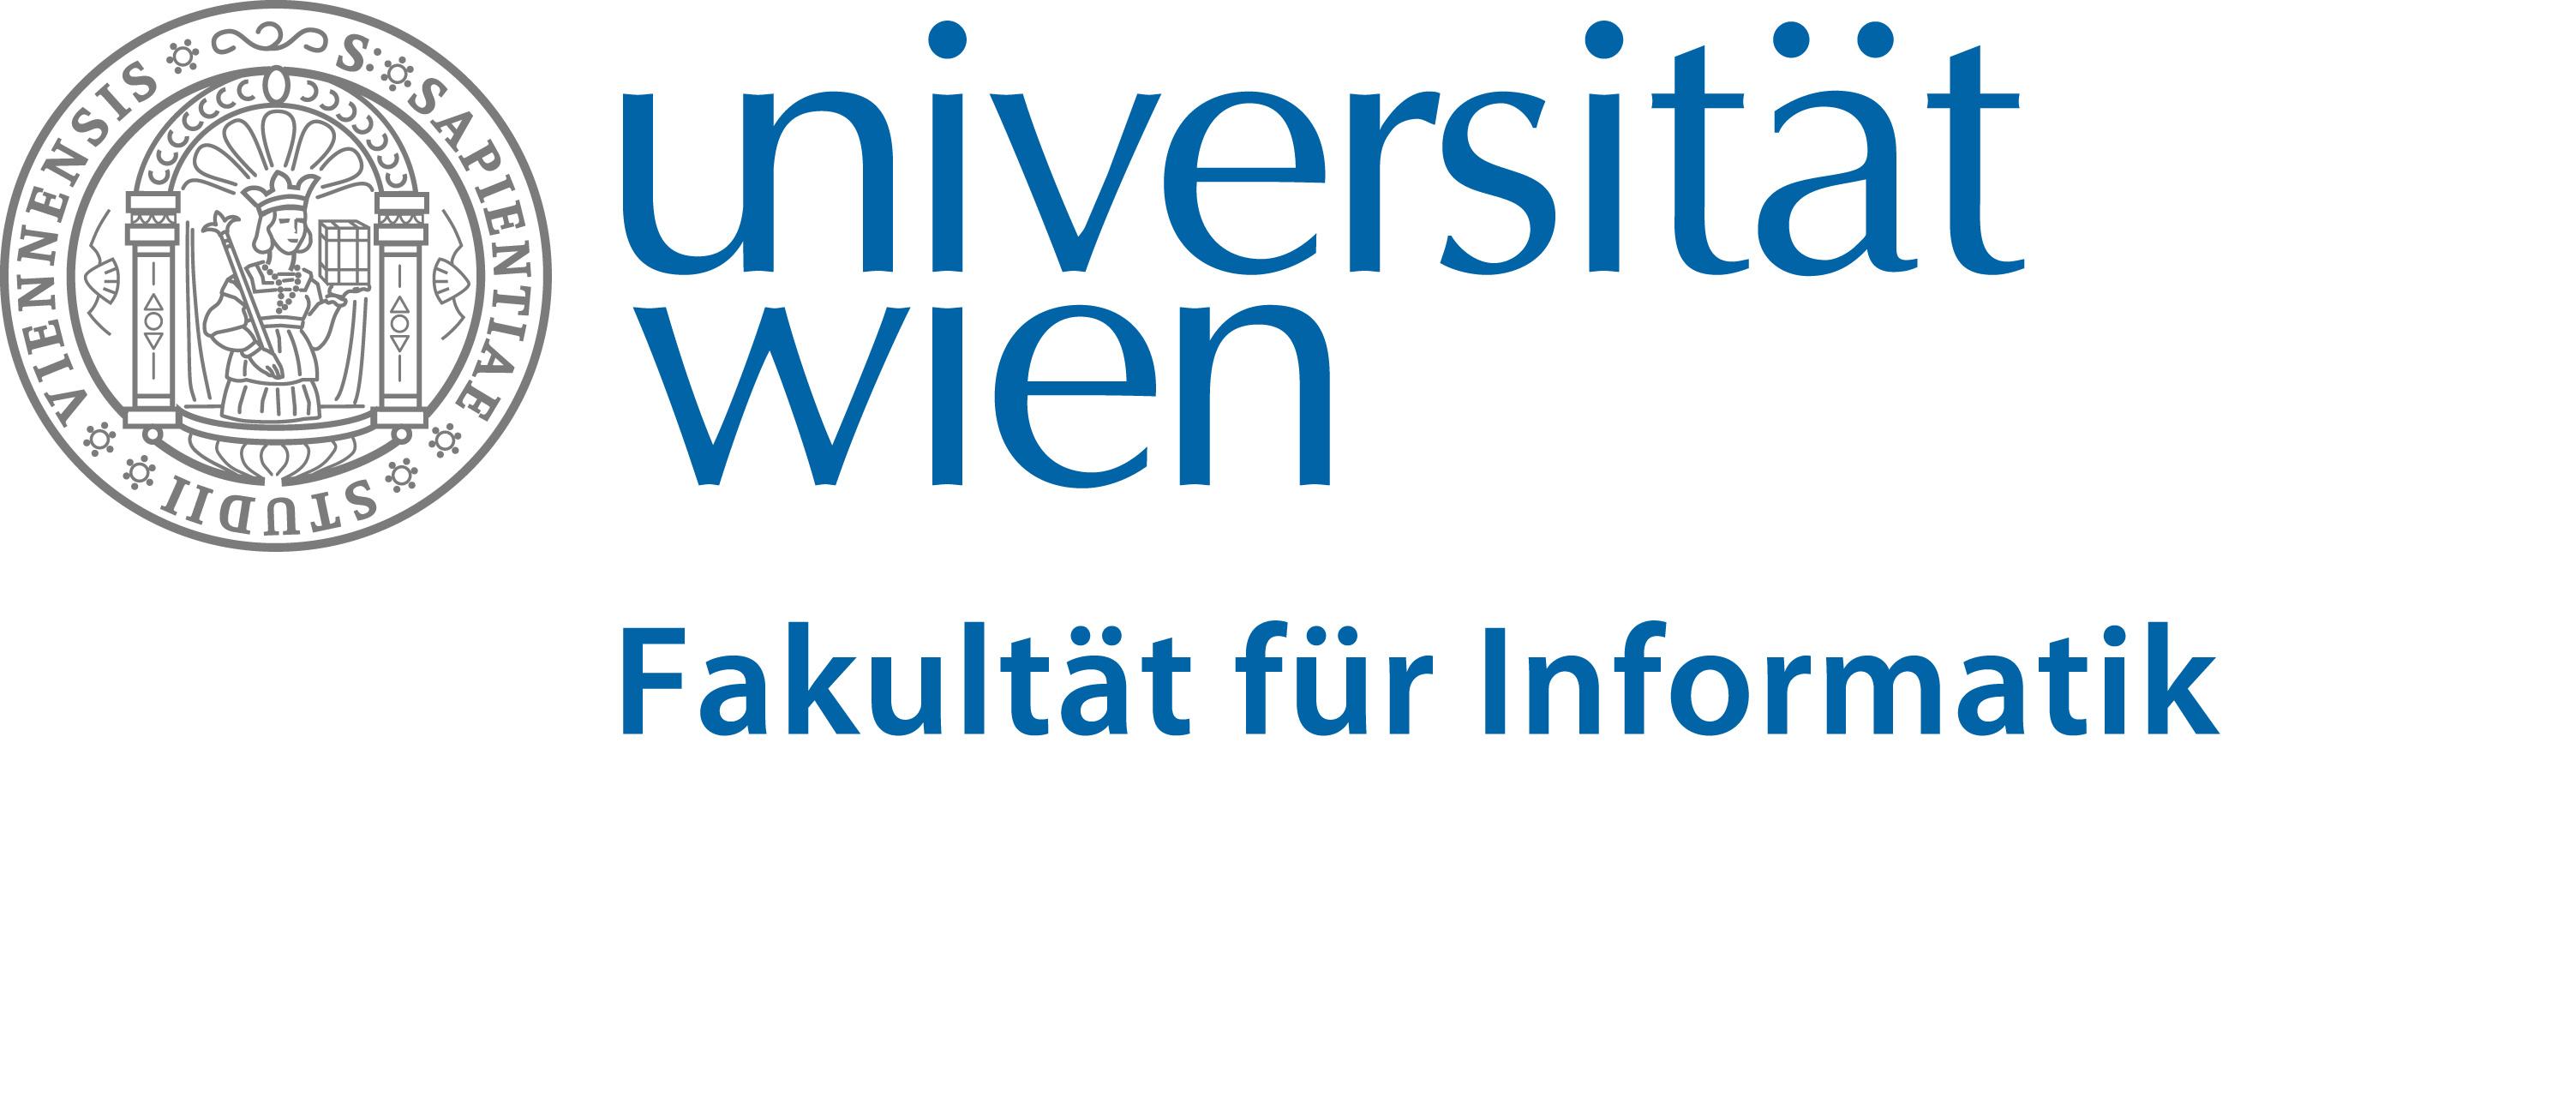 Universität Wien - Fakultät für Informatik